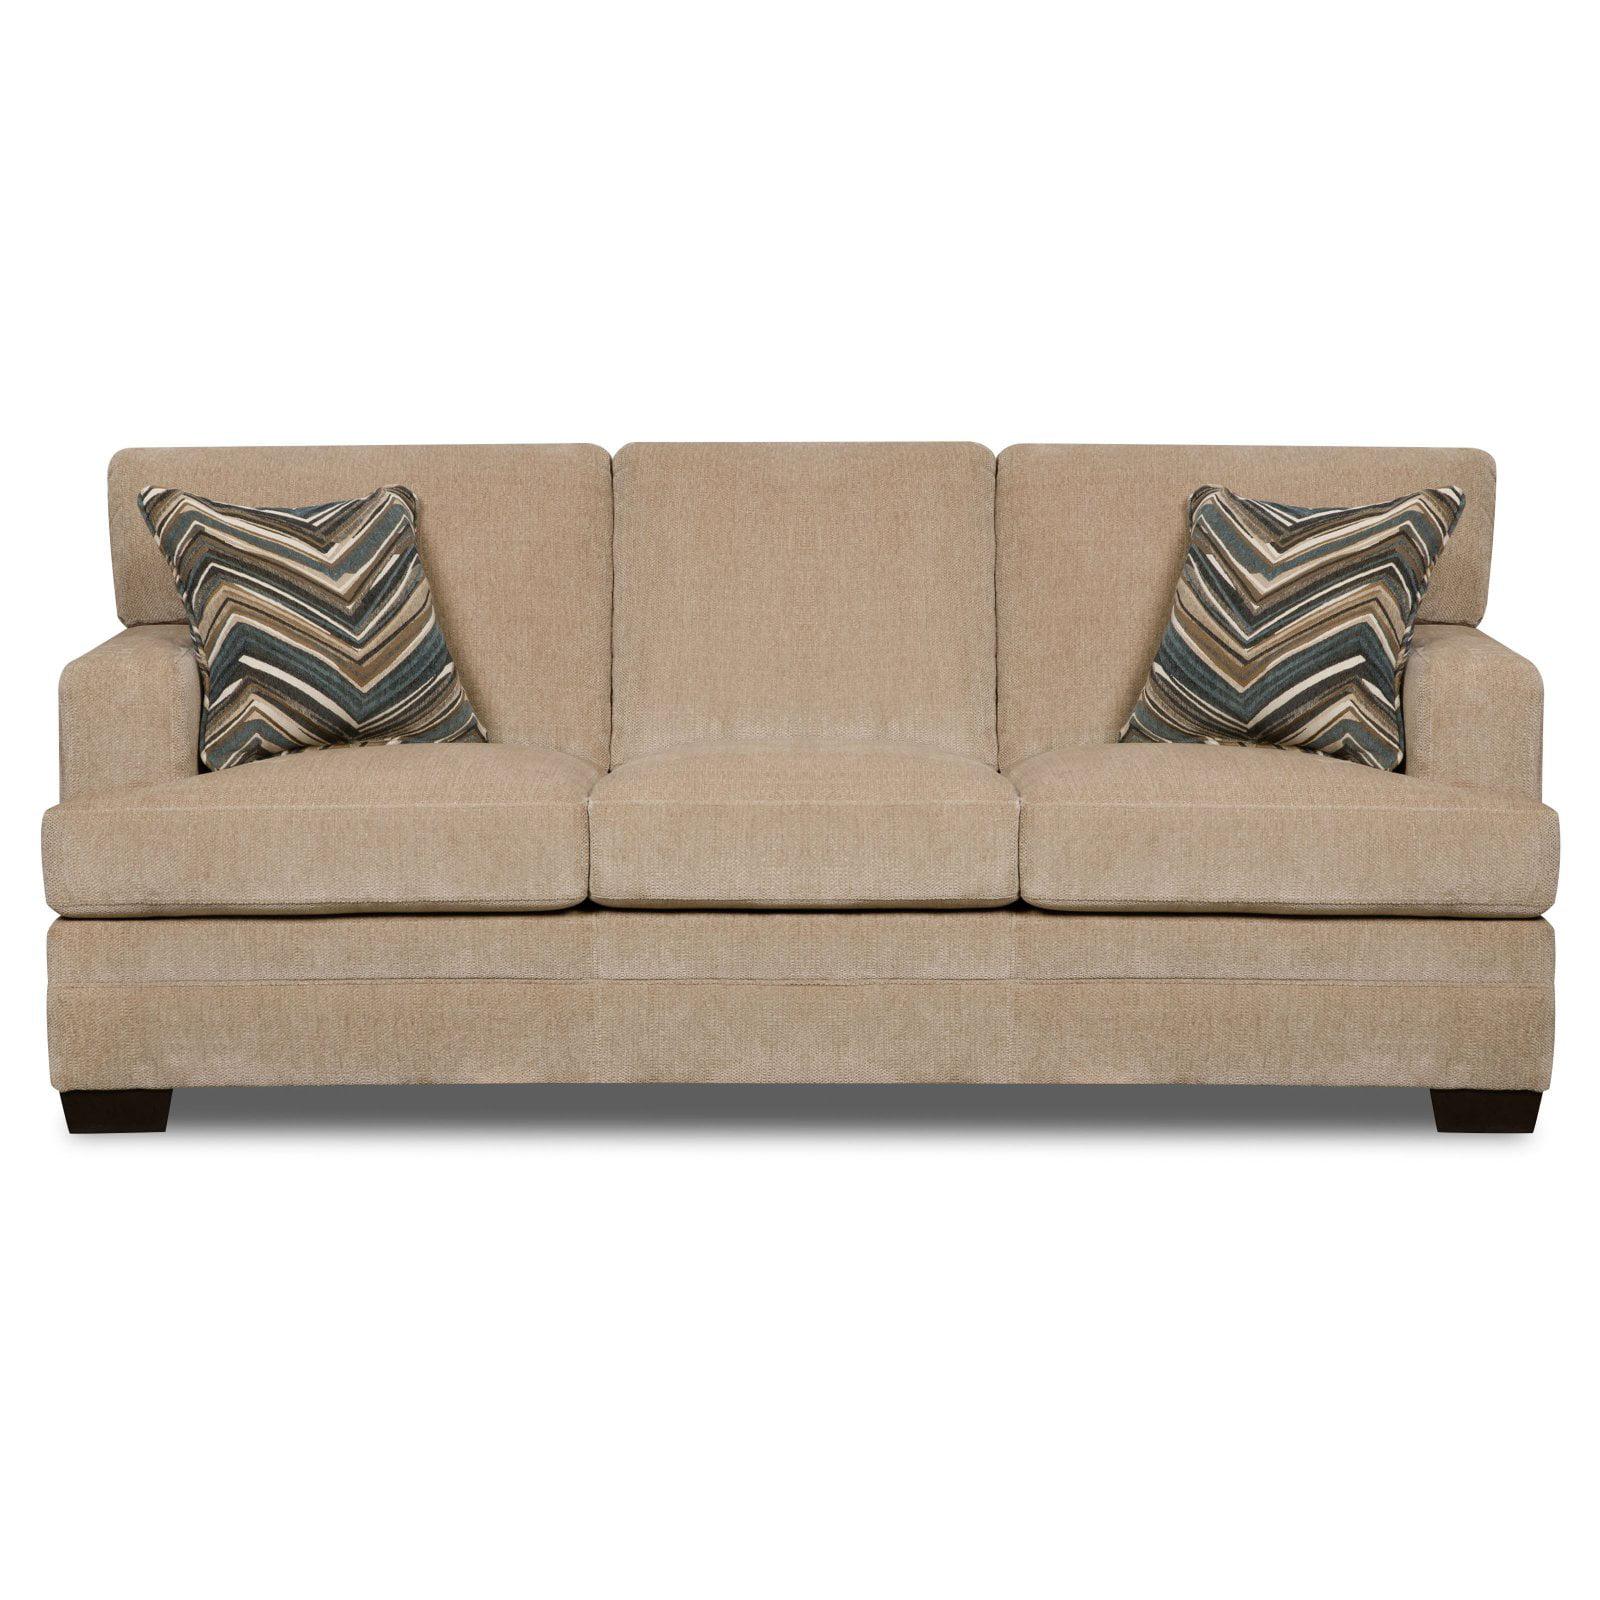 Simmons Upholstery Sassy Sofa   Barley   Walmart.com